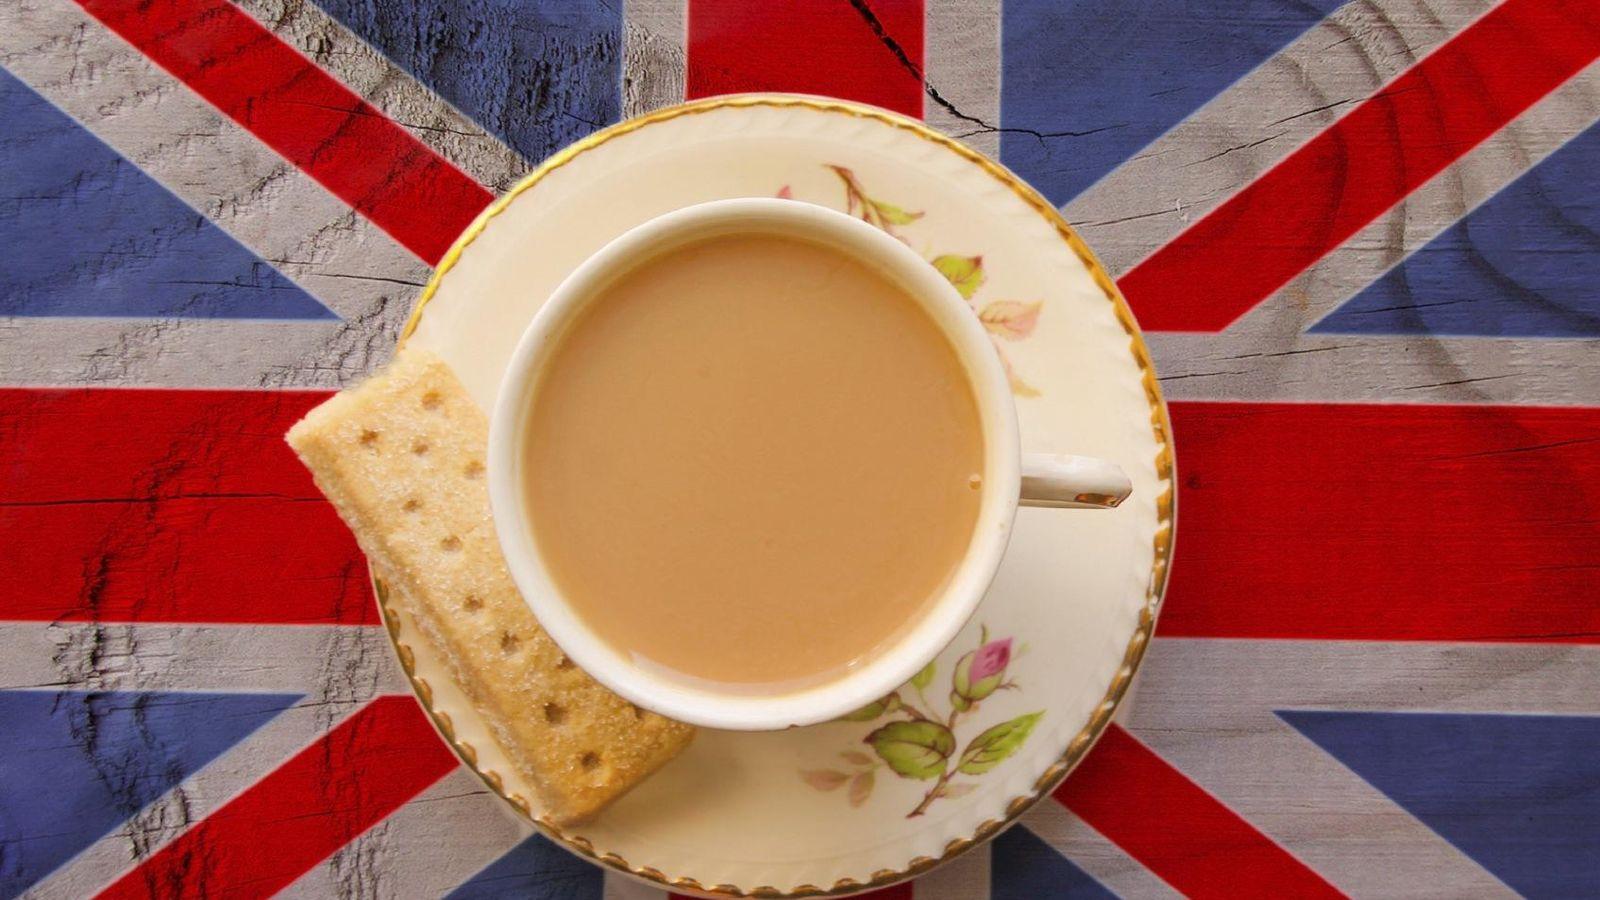 Foto: El té es de origen chino, pero los ingleses lo convirtieron en su bebida nacional. (iStock)